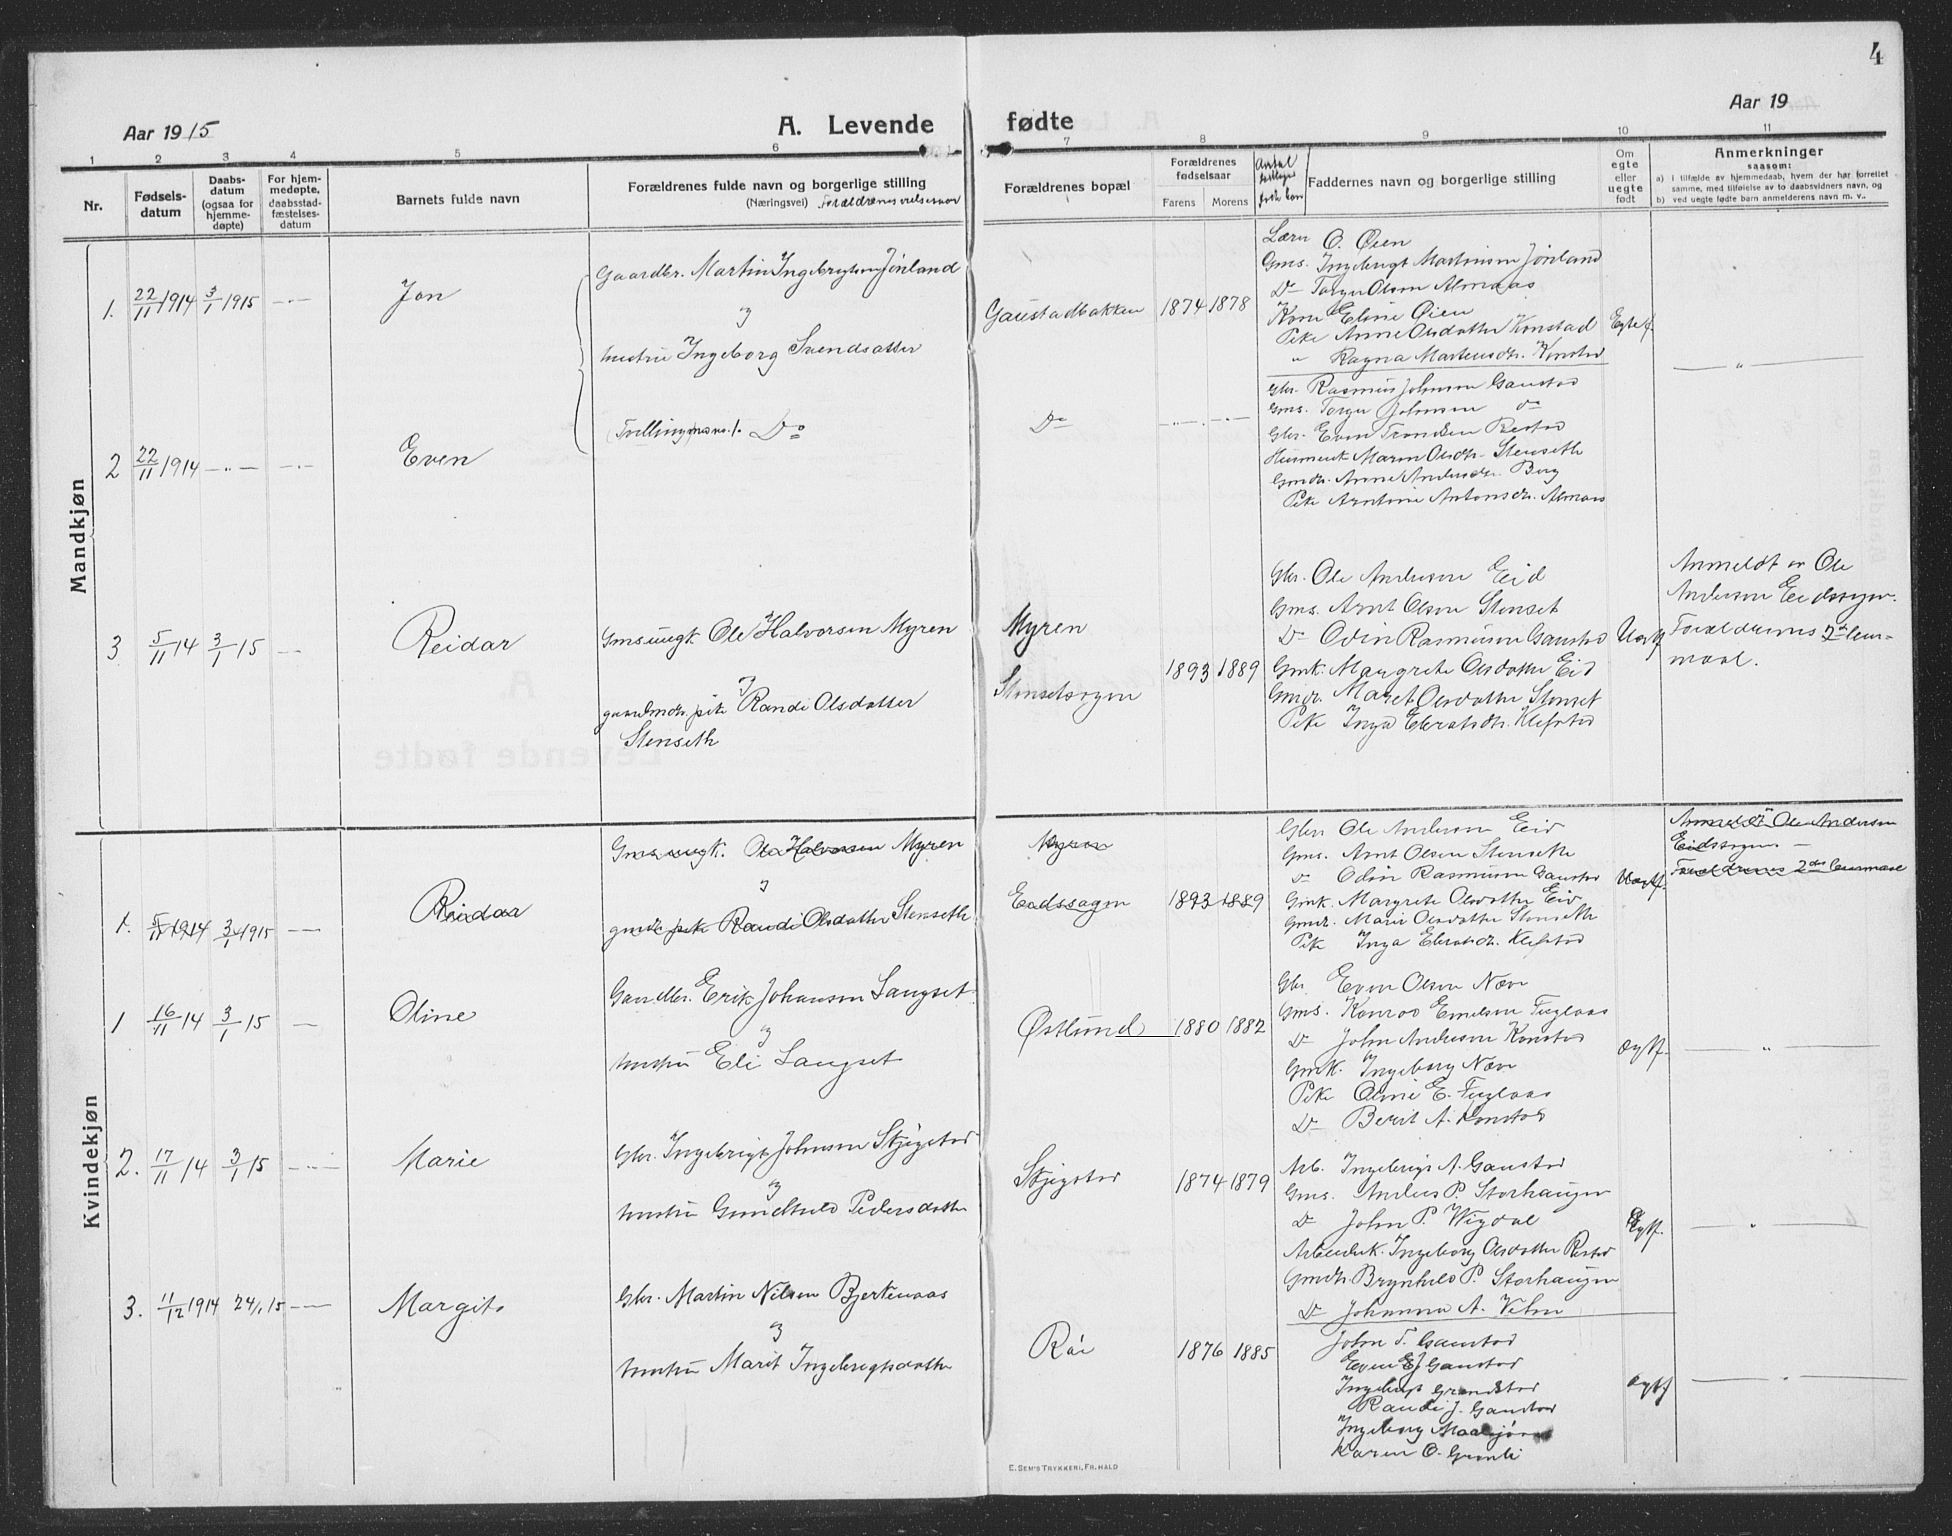 SAT, Ministerialprotokoller, klokkerbøker og fødselsregistre - Sør-Trøndelag, 694/L1134: Klokkerbok nr. 694C06, 1915-1937, s. 4